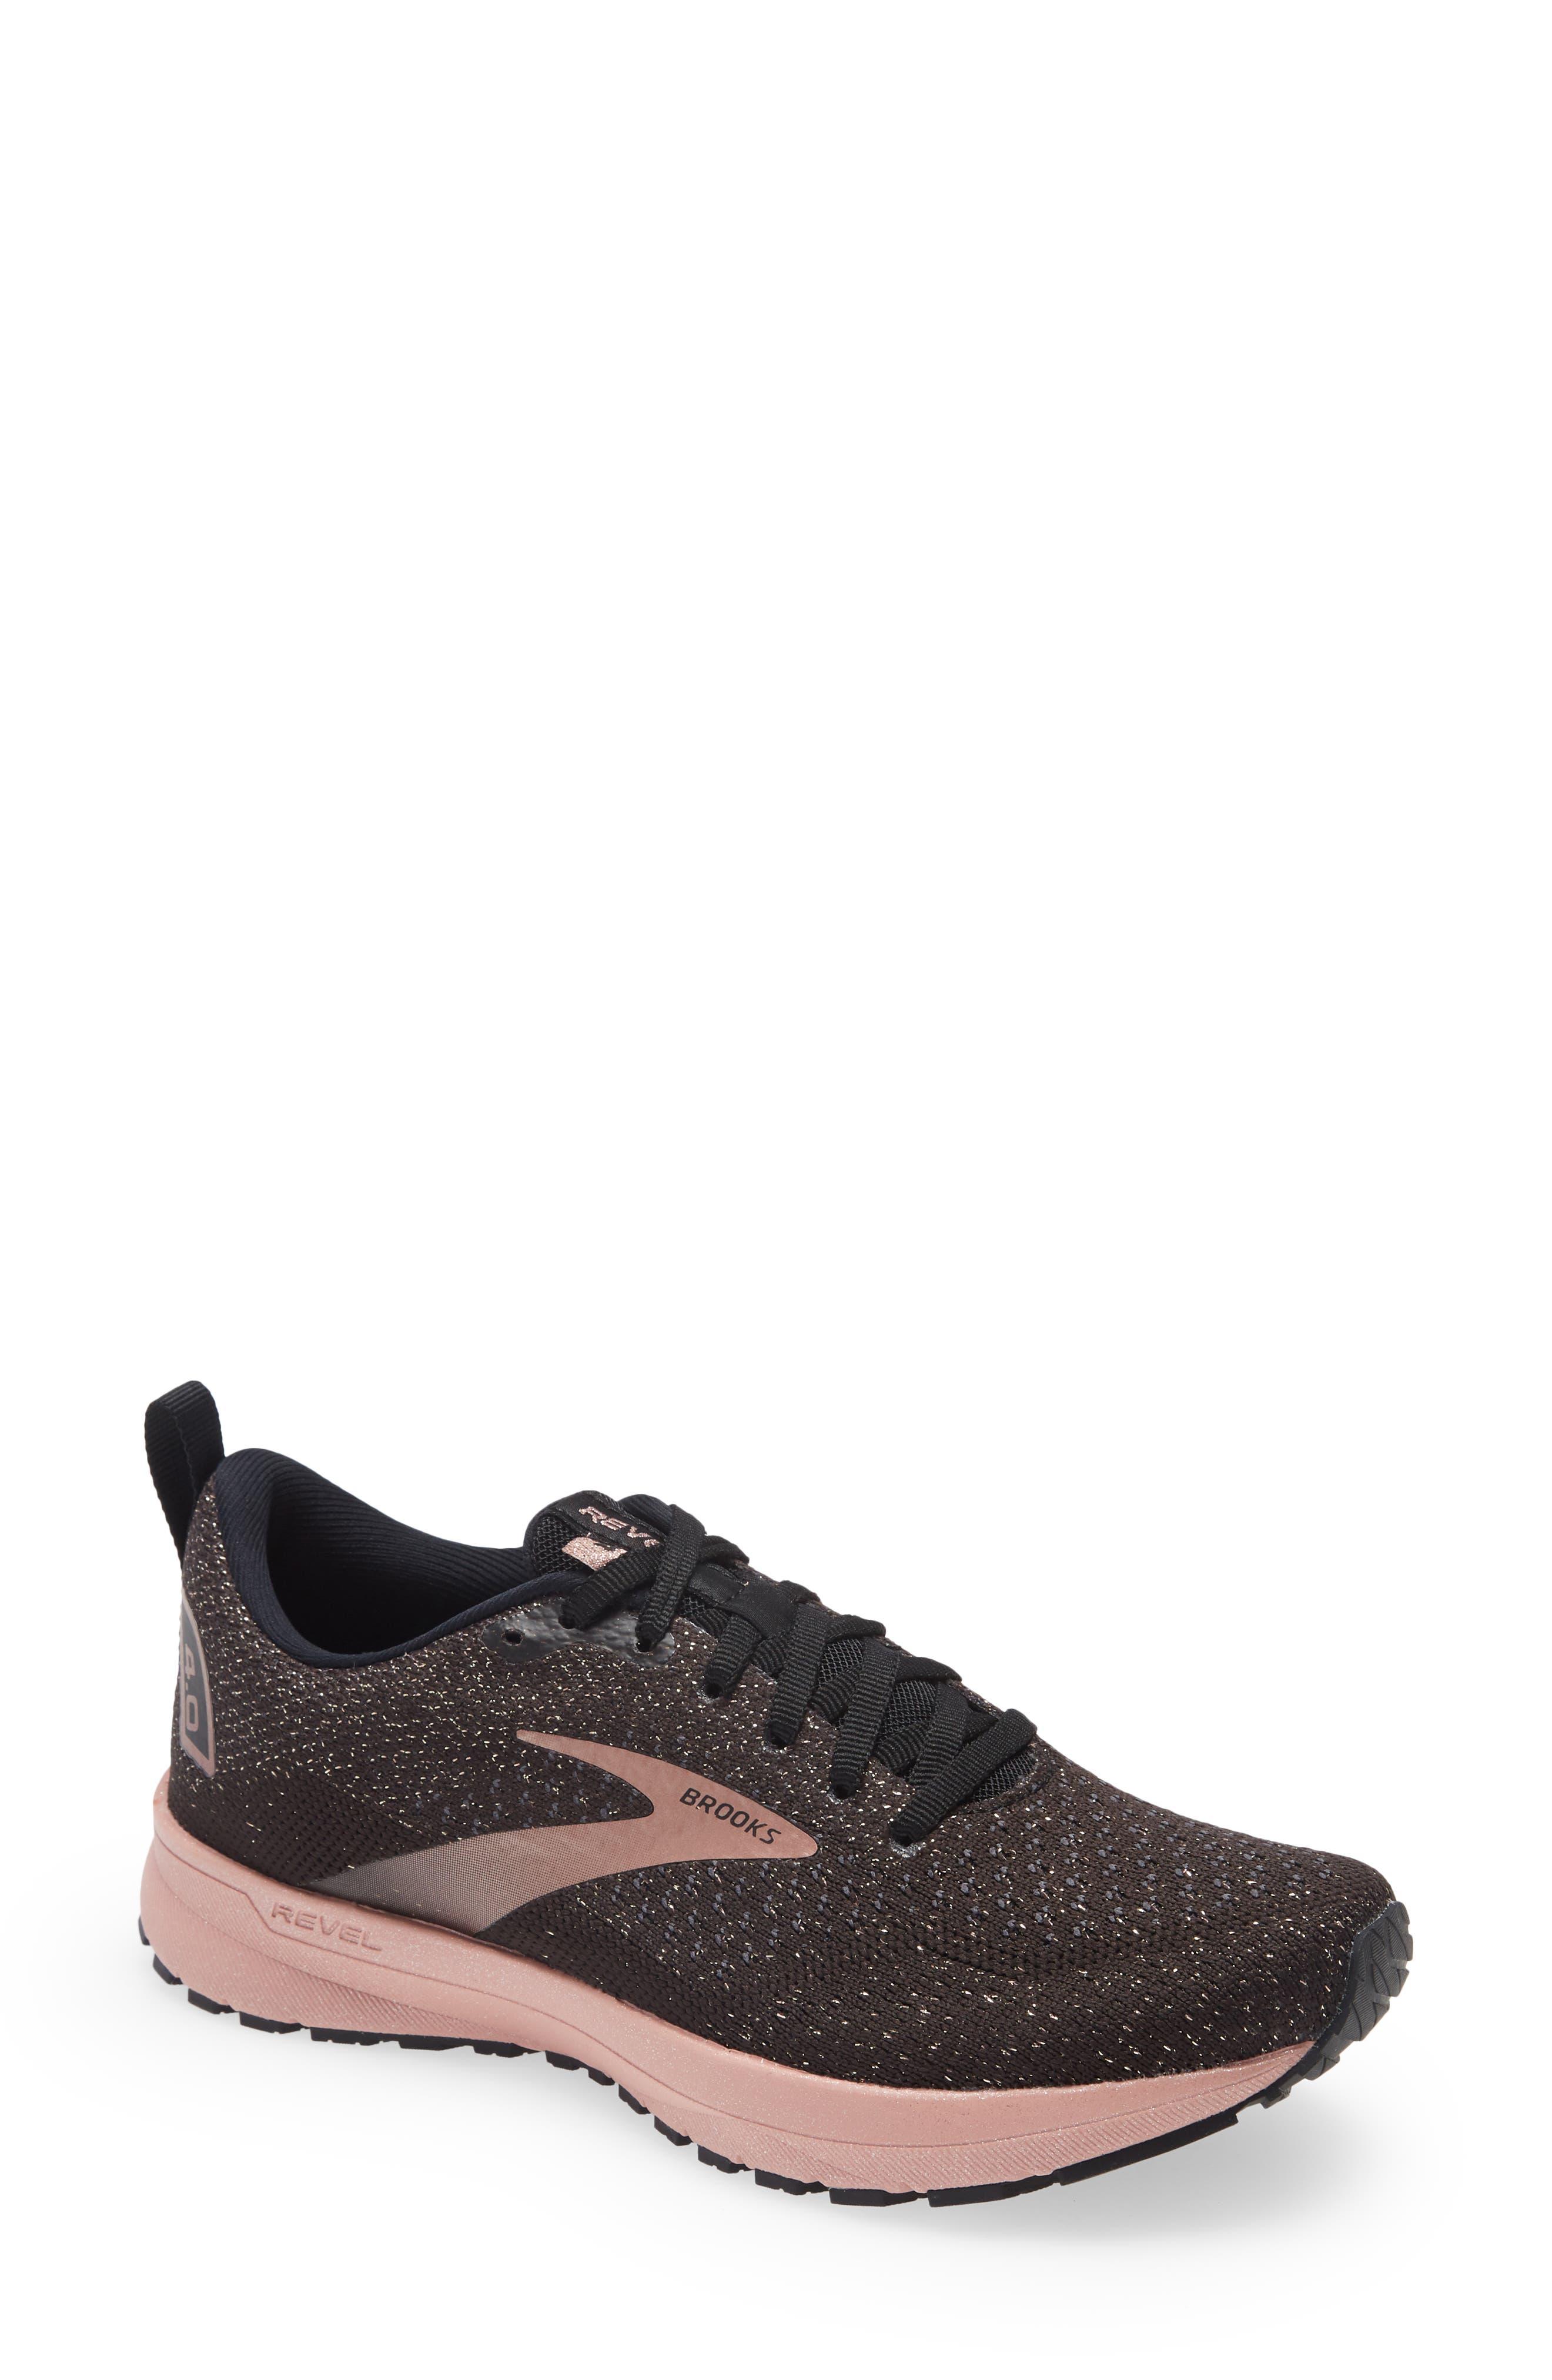 Revel 4 Hybrid Running Shoe